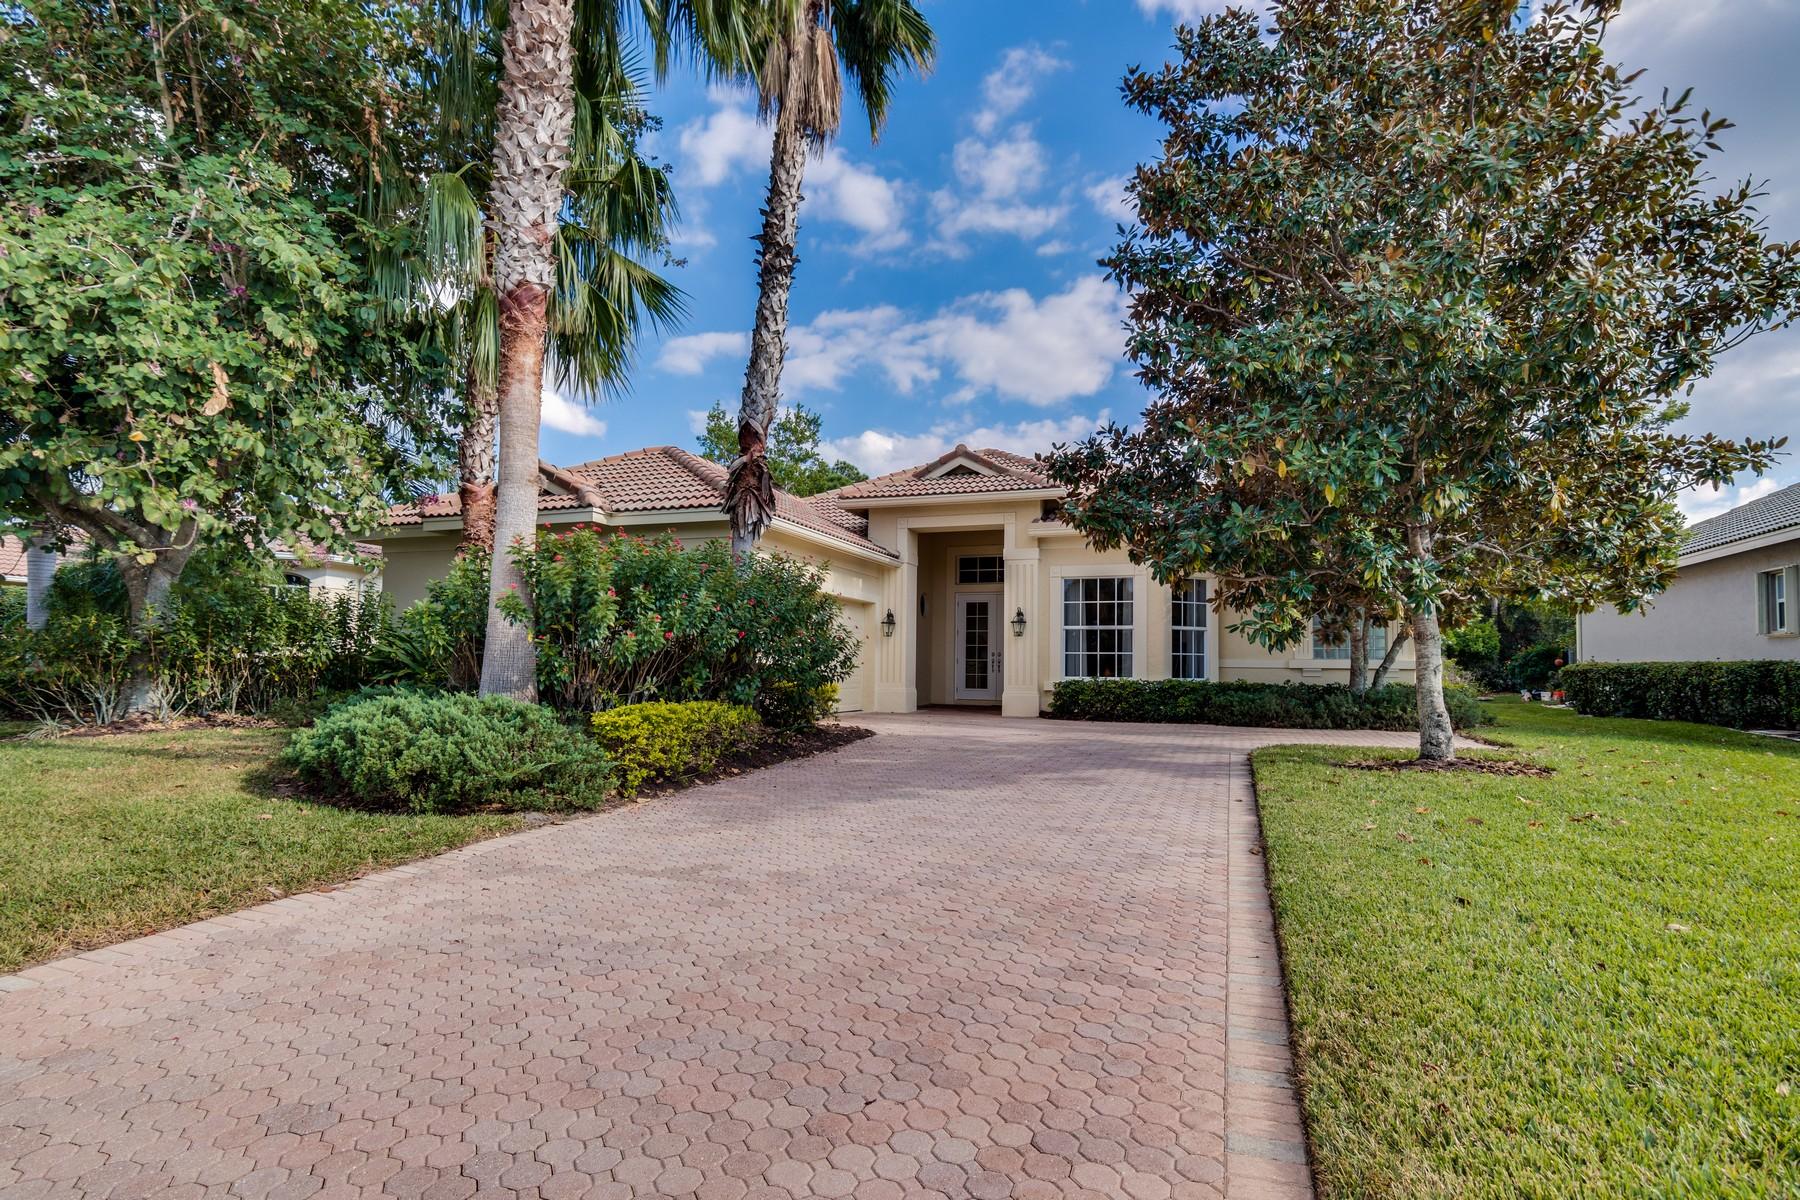 独户住宅 为 销售 在 10117 Crosby Place 圣露西港, 佛罗里达州, 34986 美国